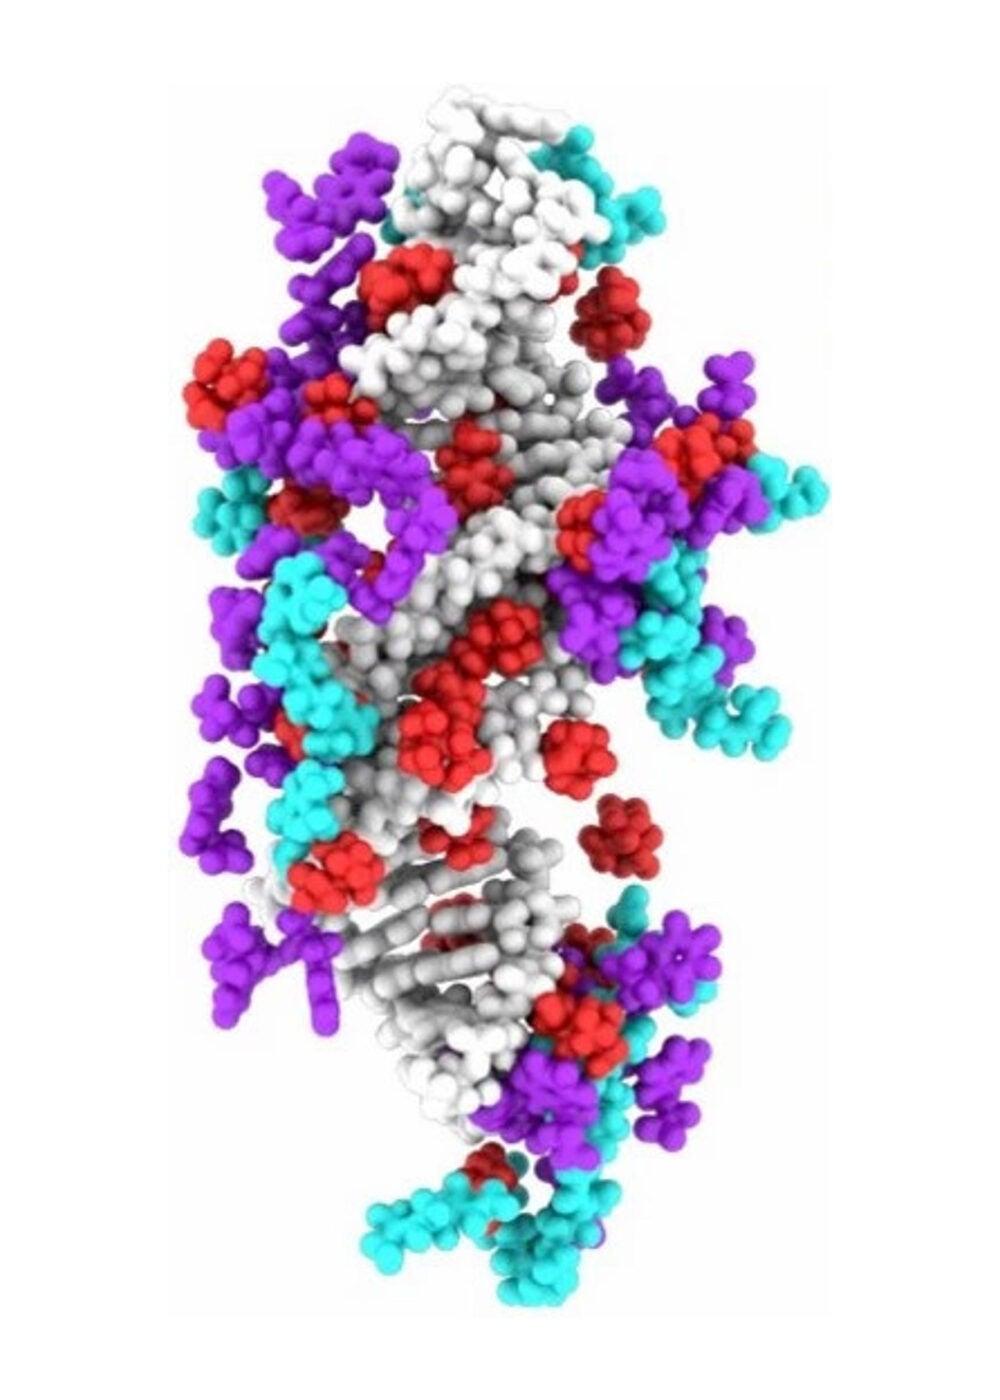 IL-siRNA molecular dynamic simulation.